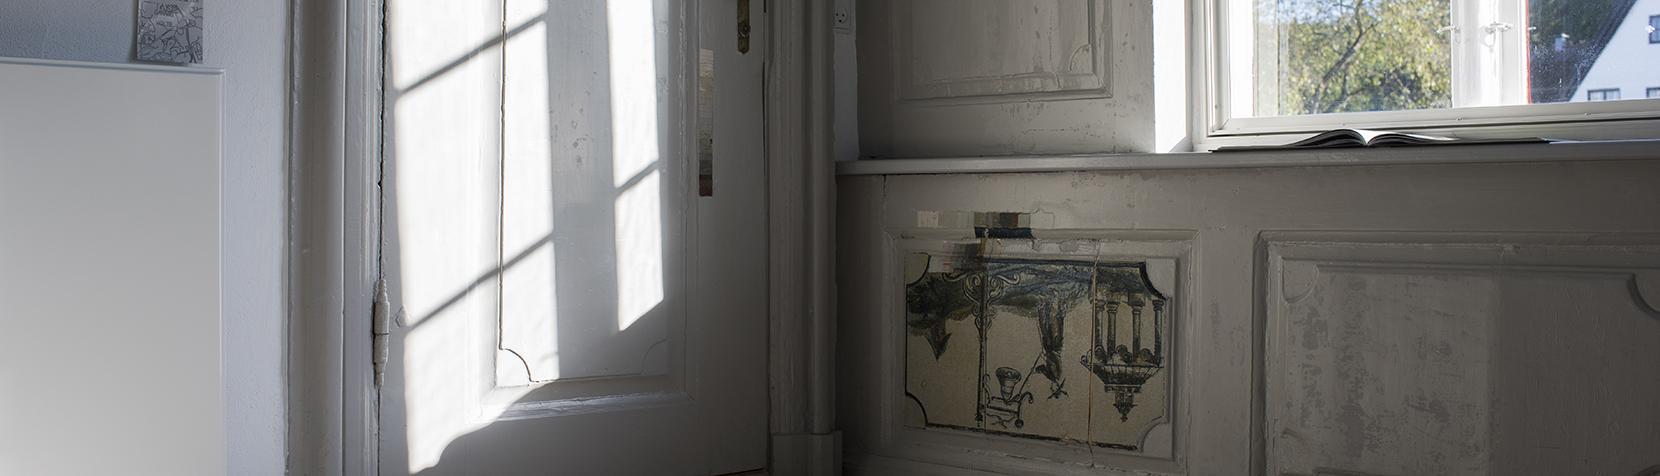 Lys falder ind af vinduet på Mothsgården